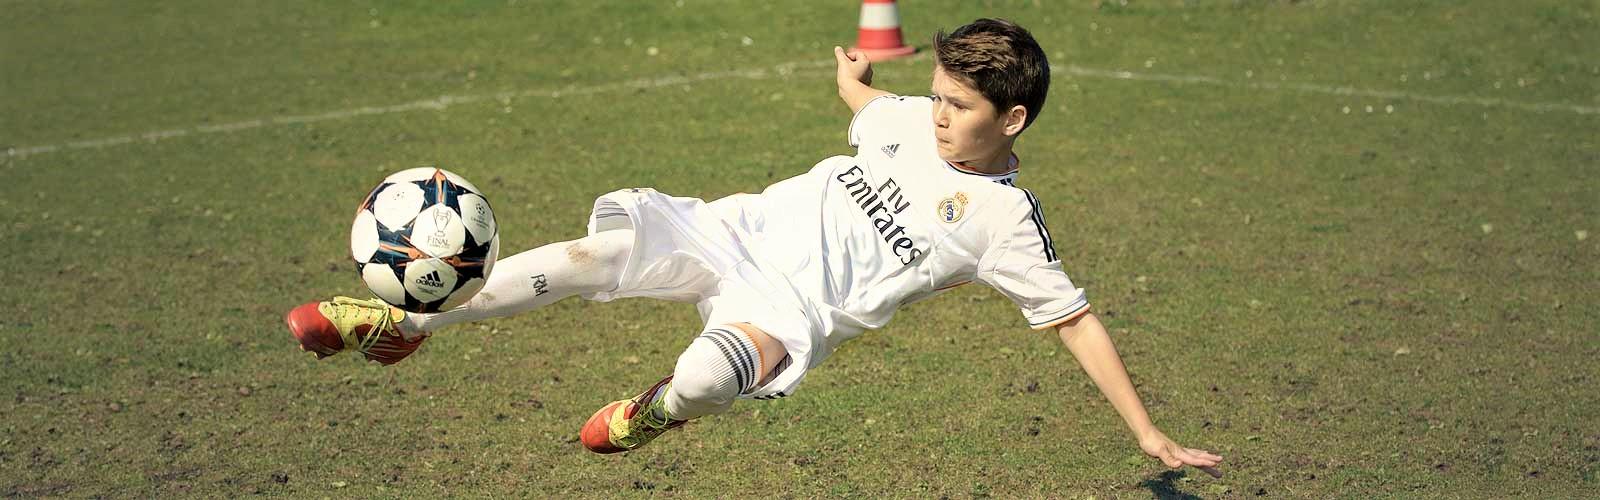 Real Madrid skola fudbala za decu, Verbalisti